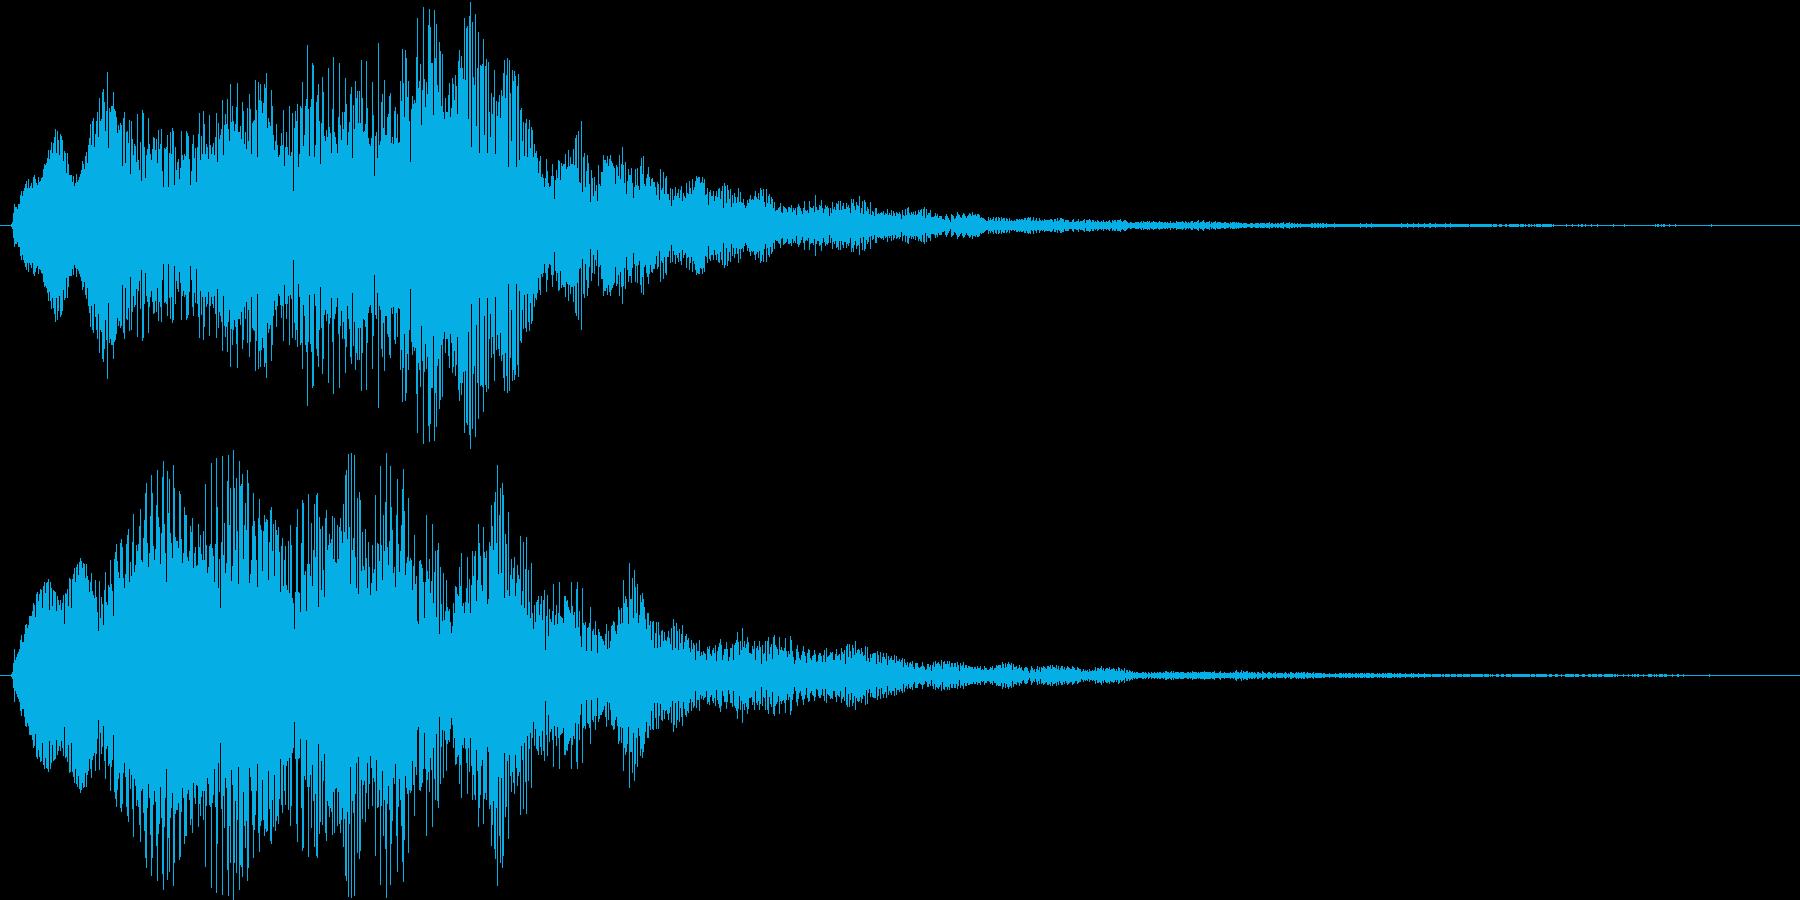 ふわふわ・シャラララと広がるシンセ音の再生済みの波形